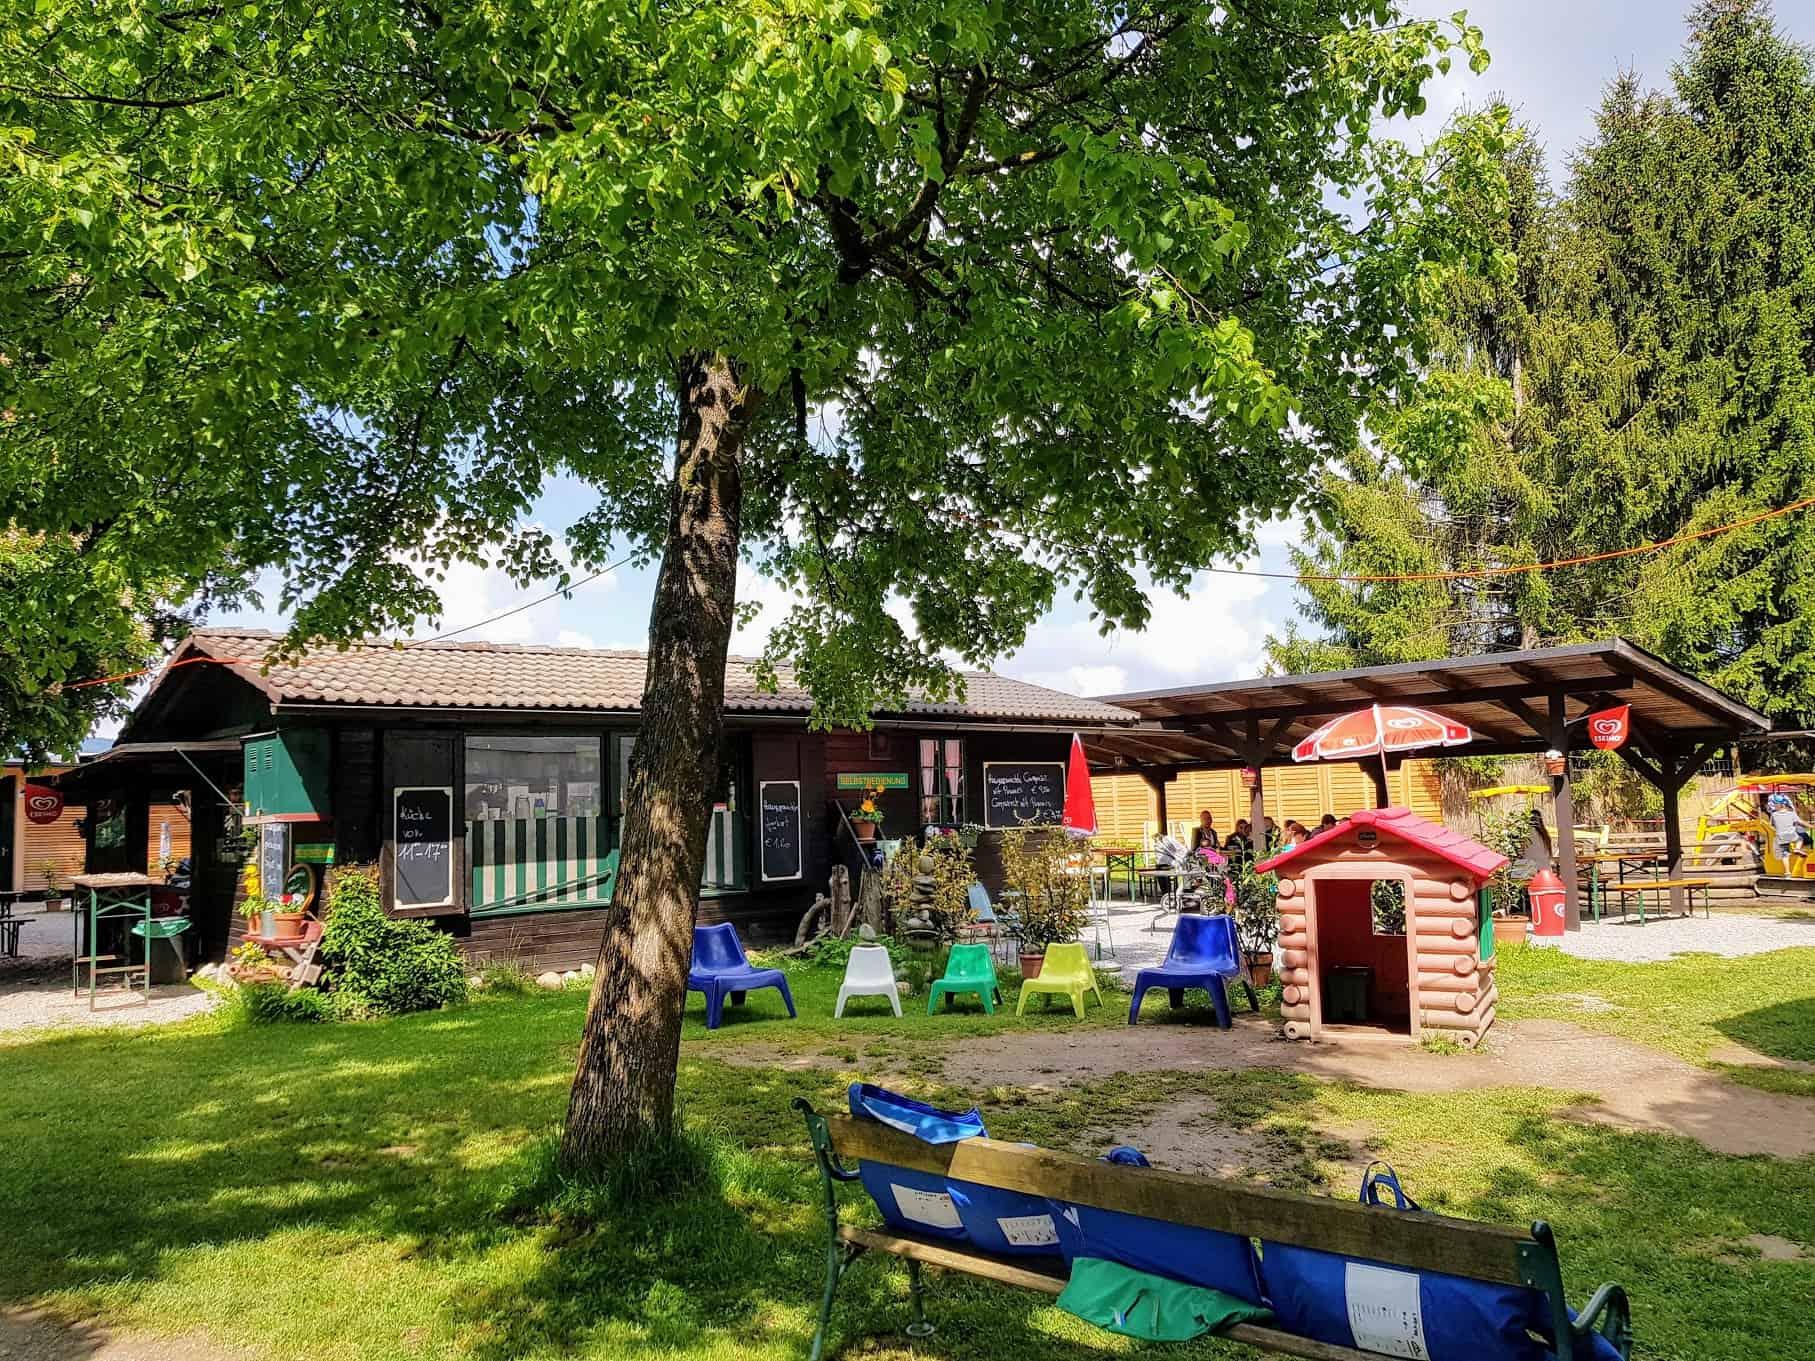 Buffet neben dem Kinderspielplatz im kinderfreundlichen Tierpark Rosegg in Kärnten nähe Wörthersee.